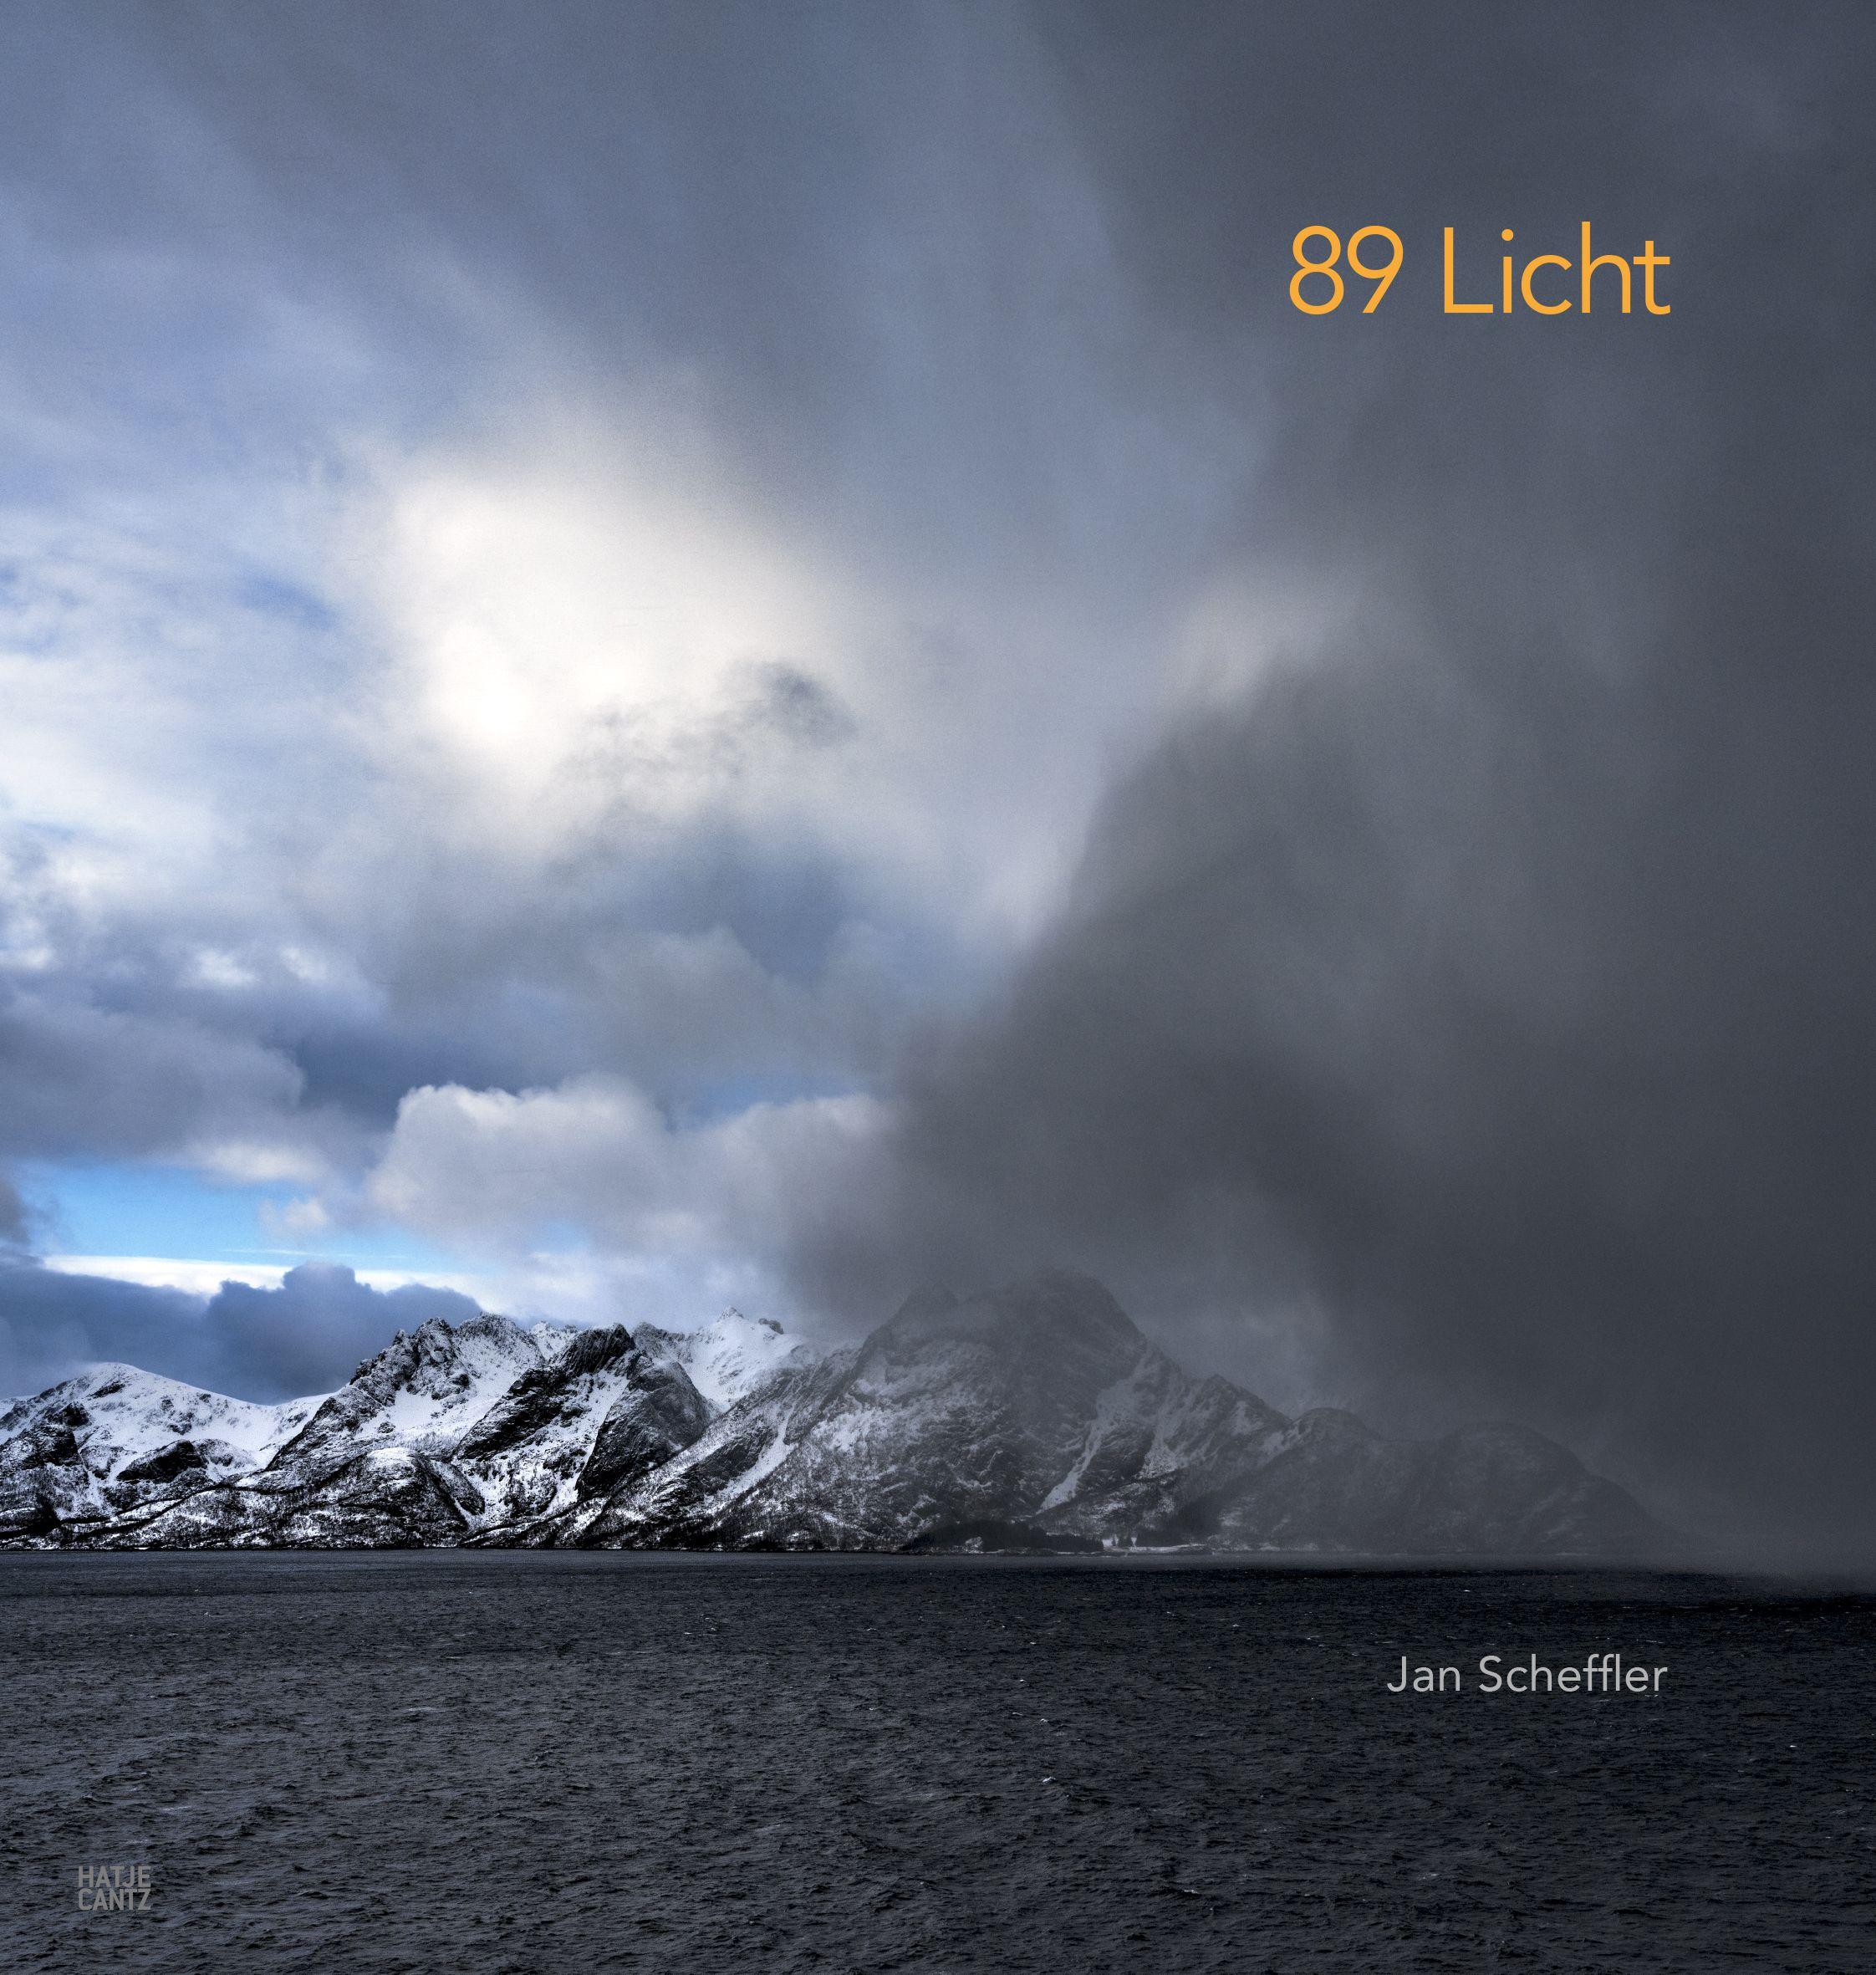 Photographybook Ideas: The Light Of The North. #janscheffler #light #landscape